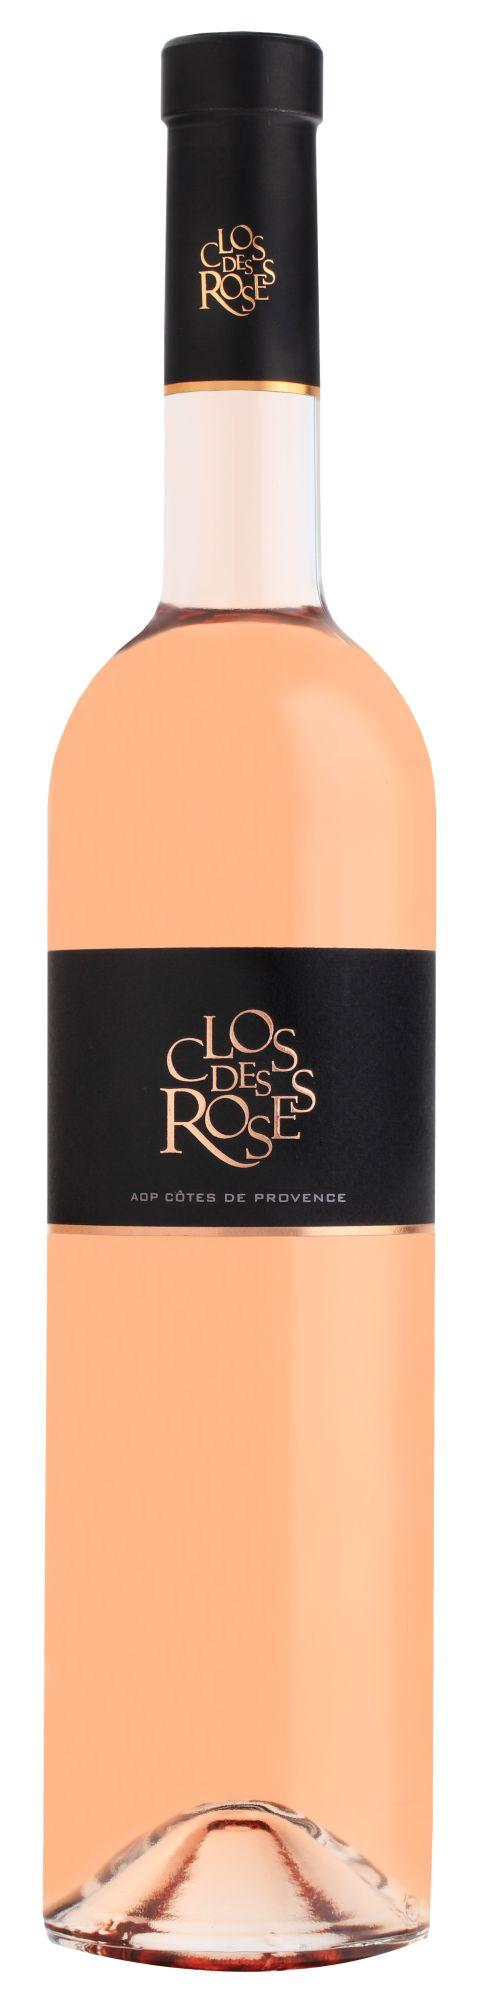 Clos des Roses Rosé  AOC Côtes de Provence 2013  #closdesroses